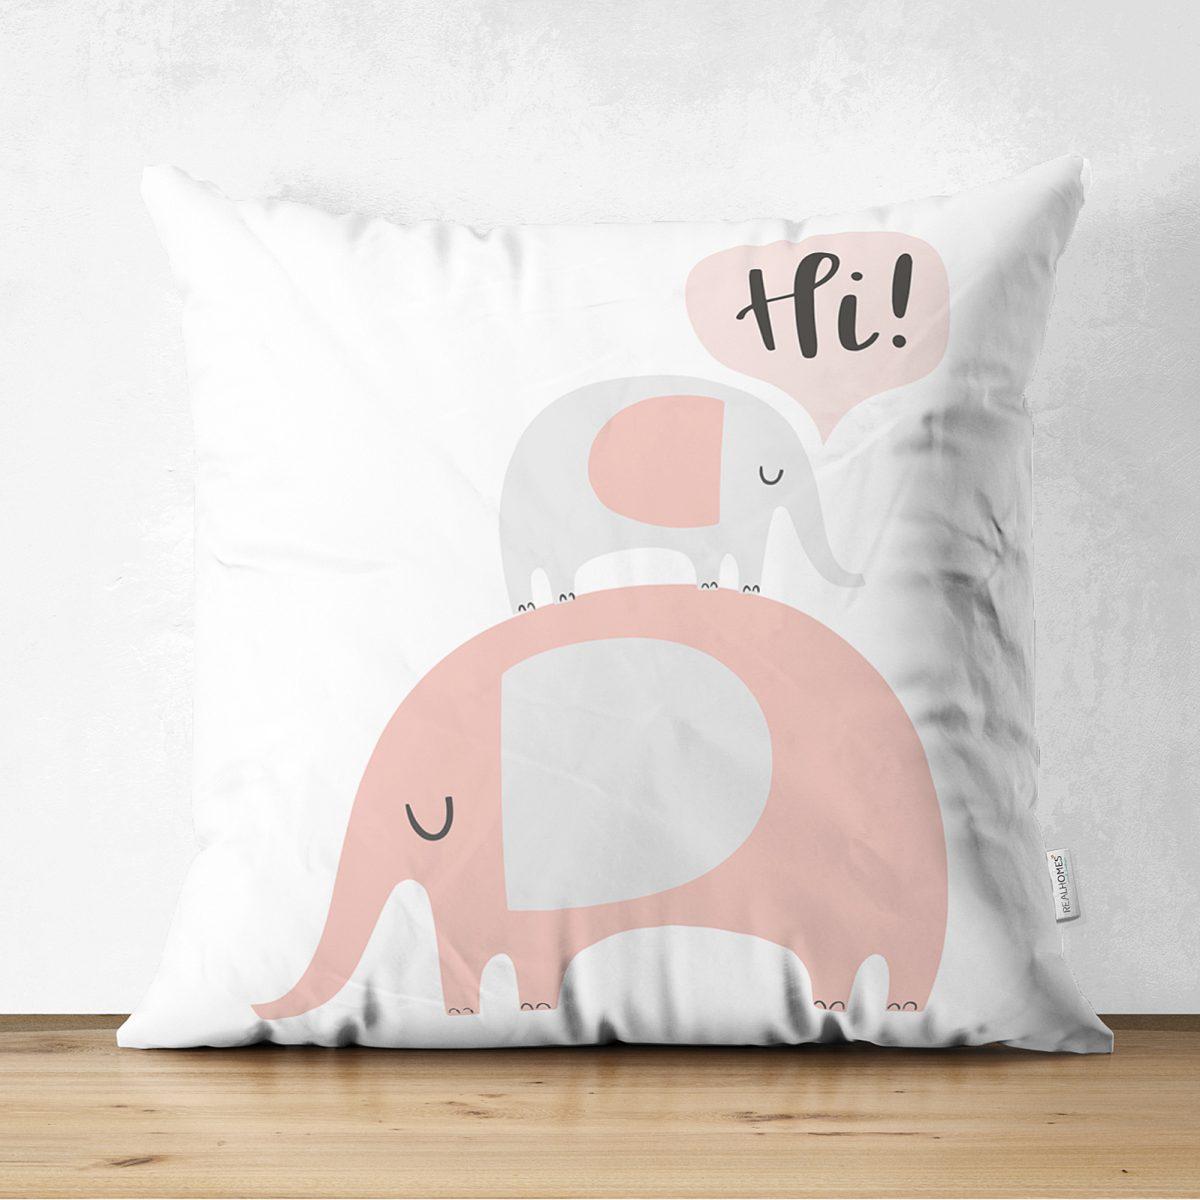 Çift Taraflı Beyaz Zeminde Sevimli Filler Özel Tasarımlı Bebek Odası Süet Yastık Kırlent Kılıfı Realhomes